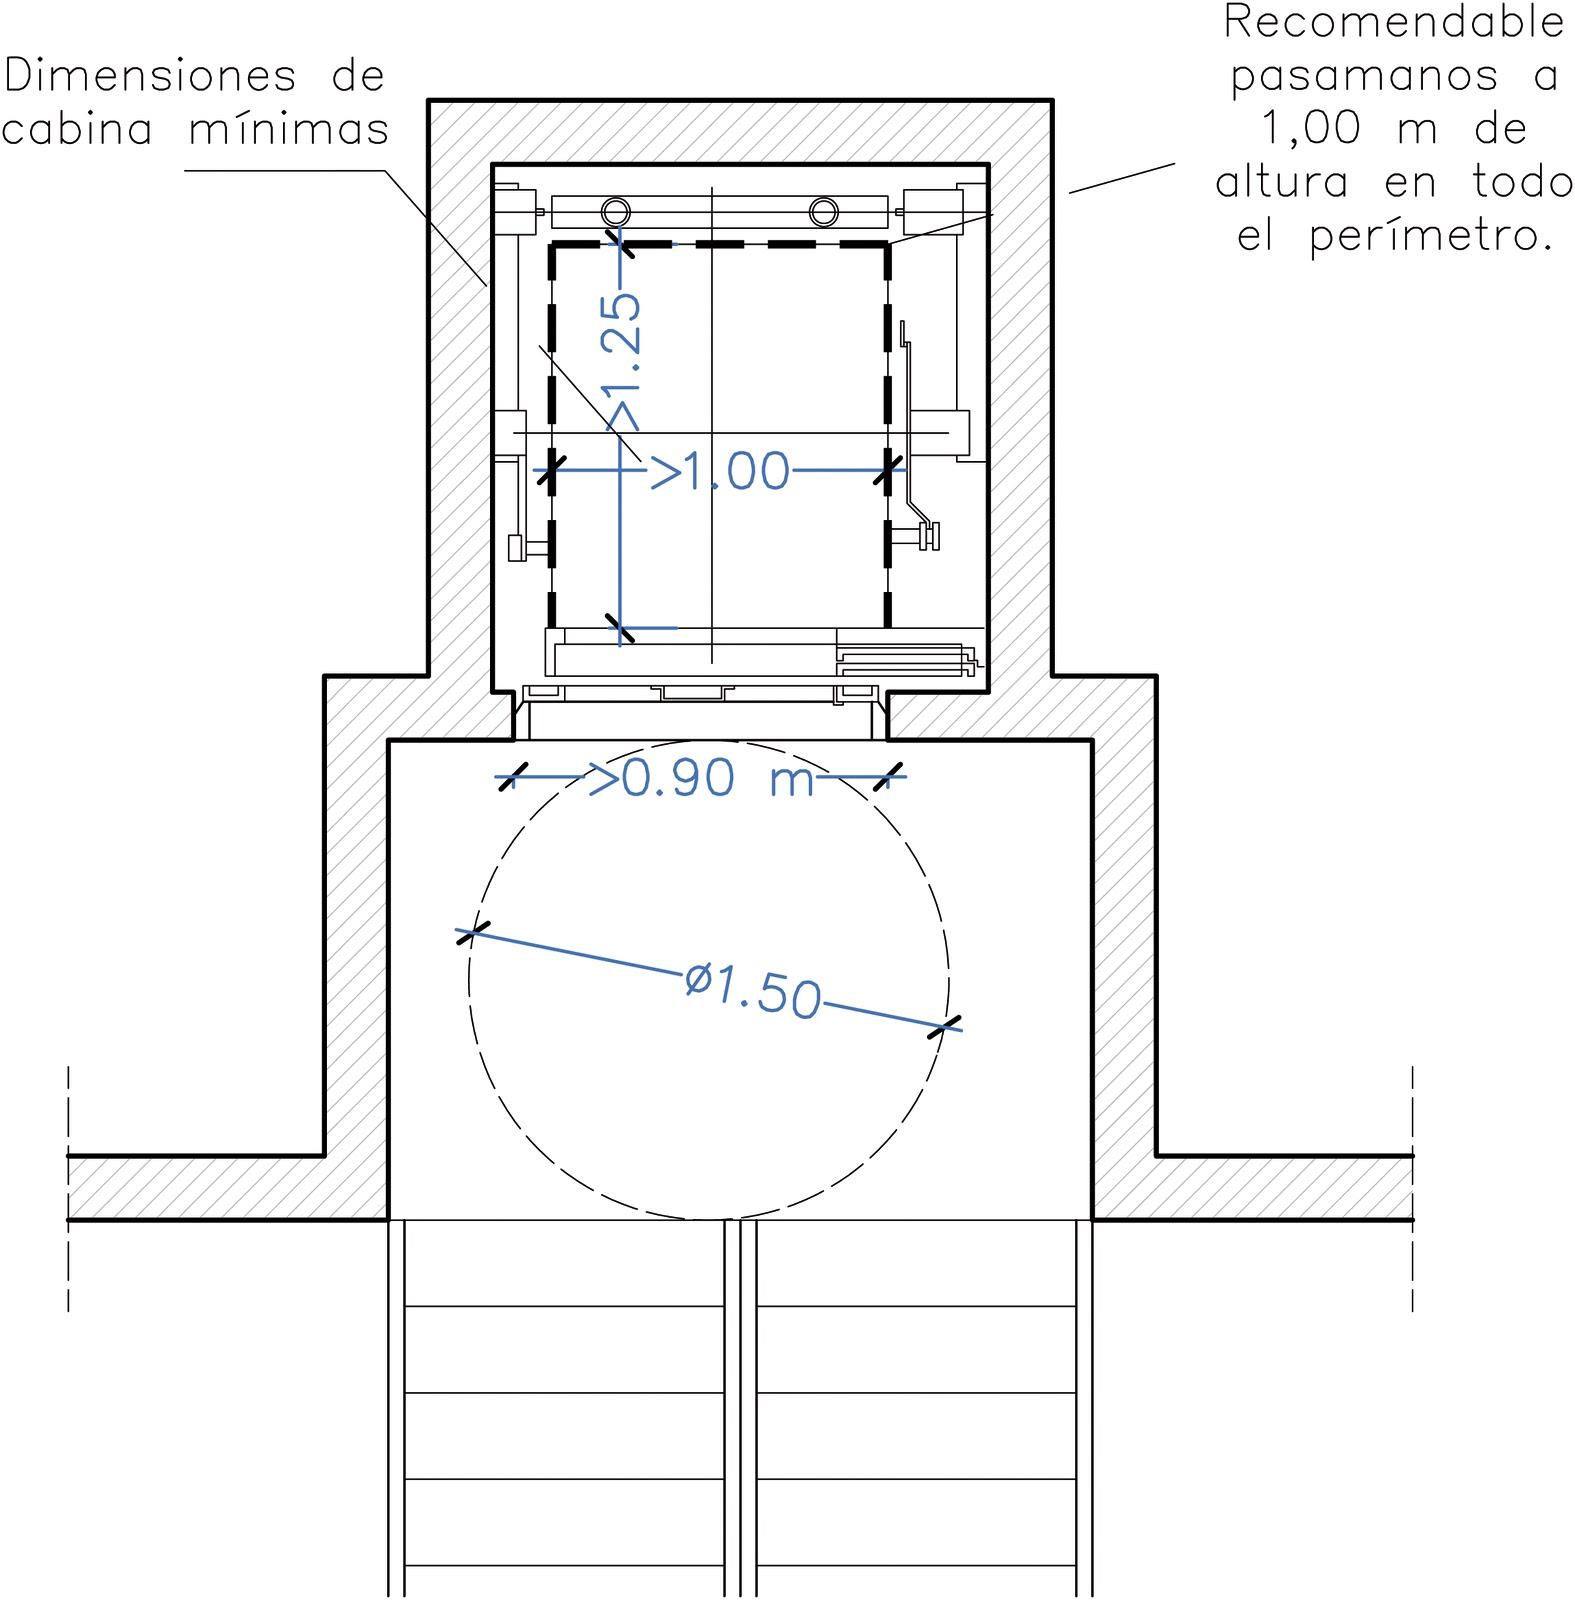 Accesibilidad global entrada al edificio de viviendas accesible que no vivienda para - Puerta para discapacitados medidas ...